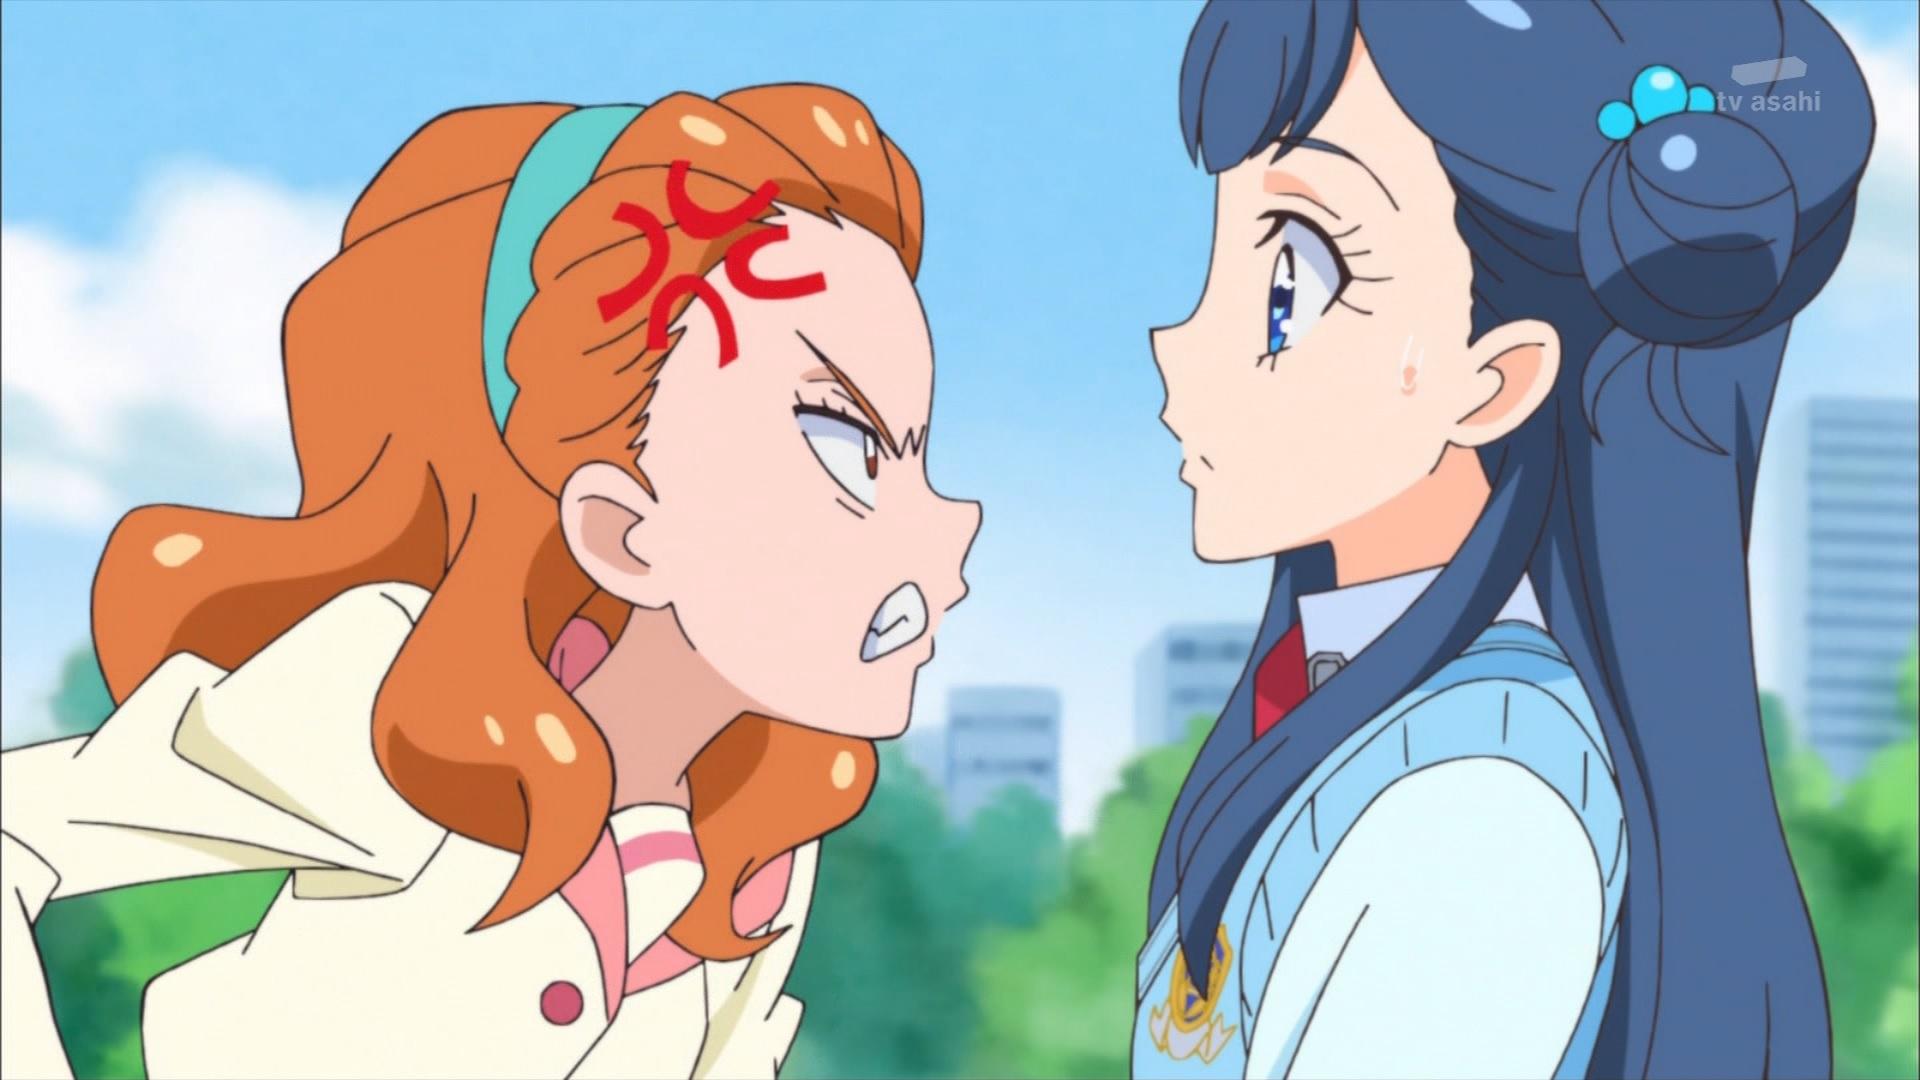 Hugっと プリキュア 第7話感想 元野菜少女さあやのやりたい事は